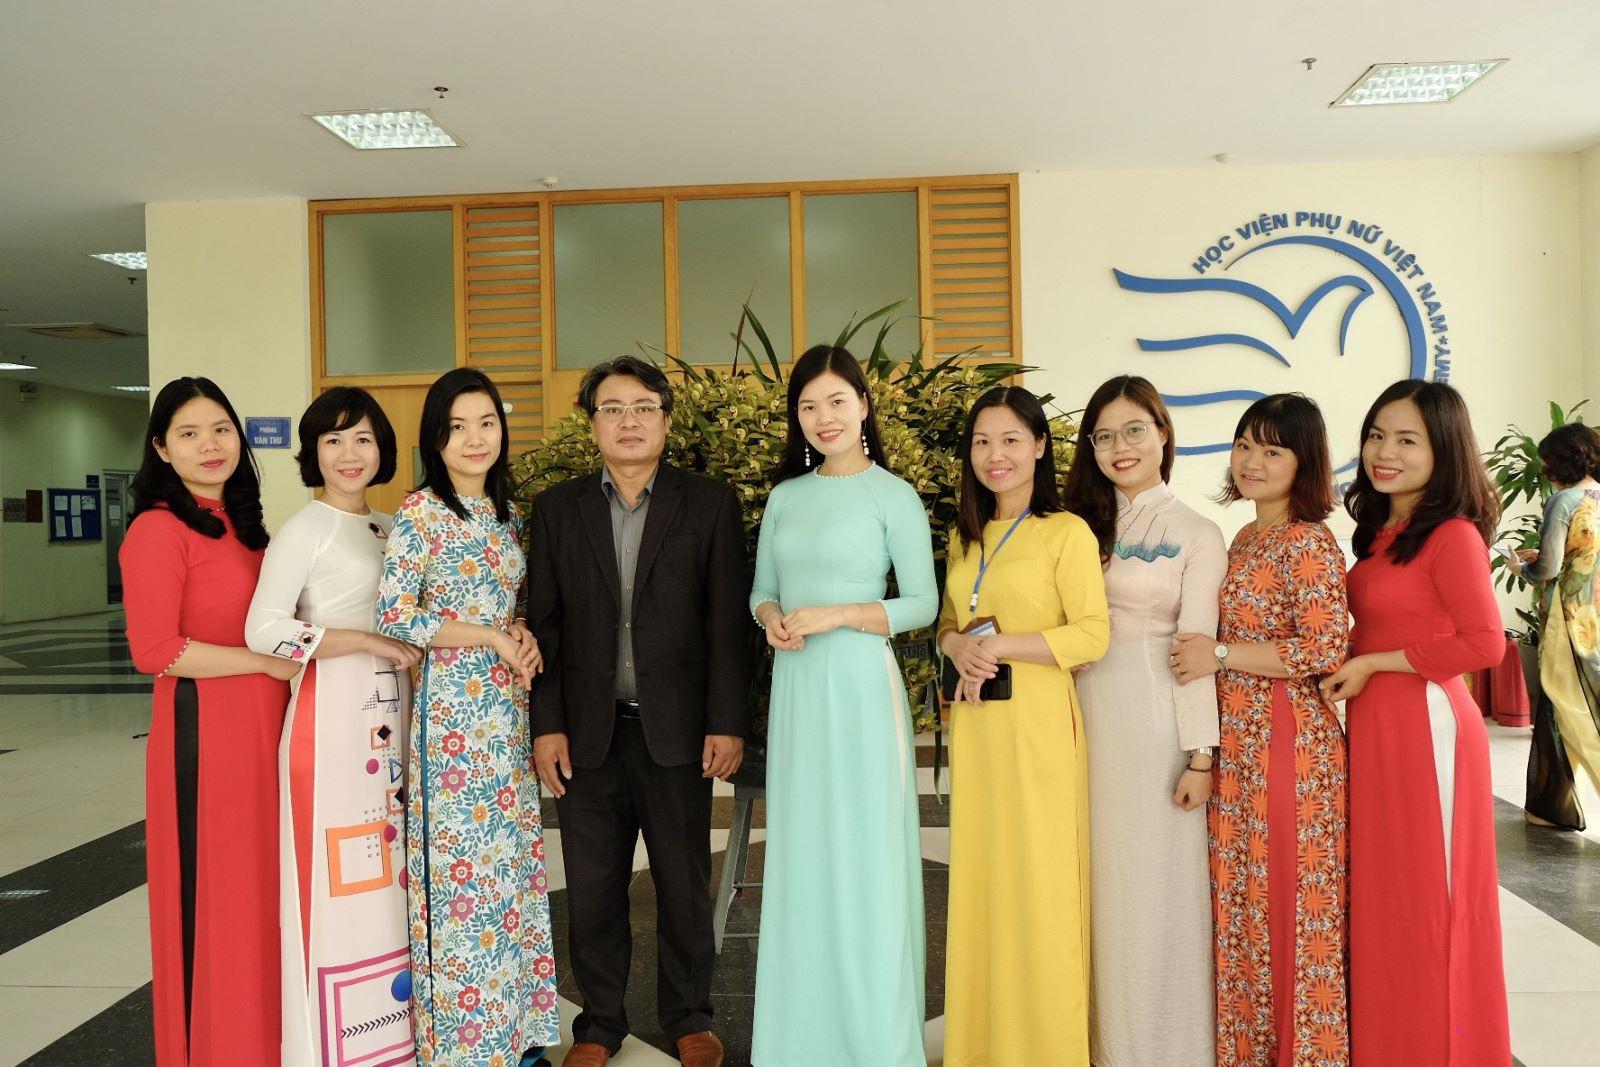 Cảm nhận về trang phục Áo dài Việt Nam